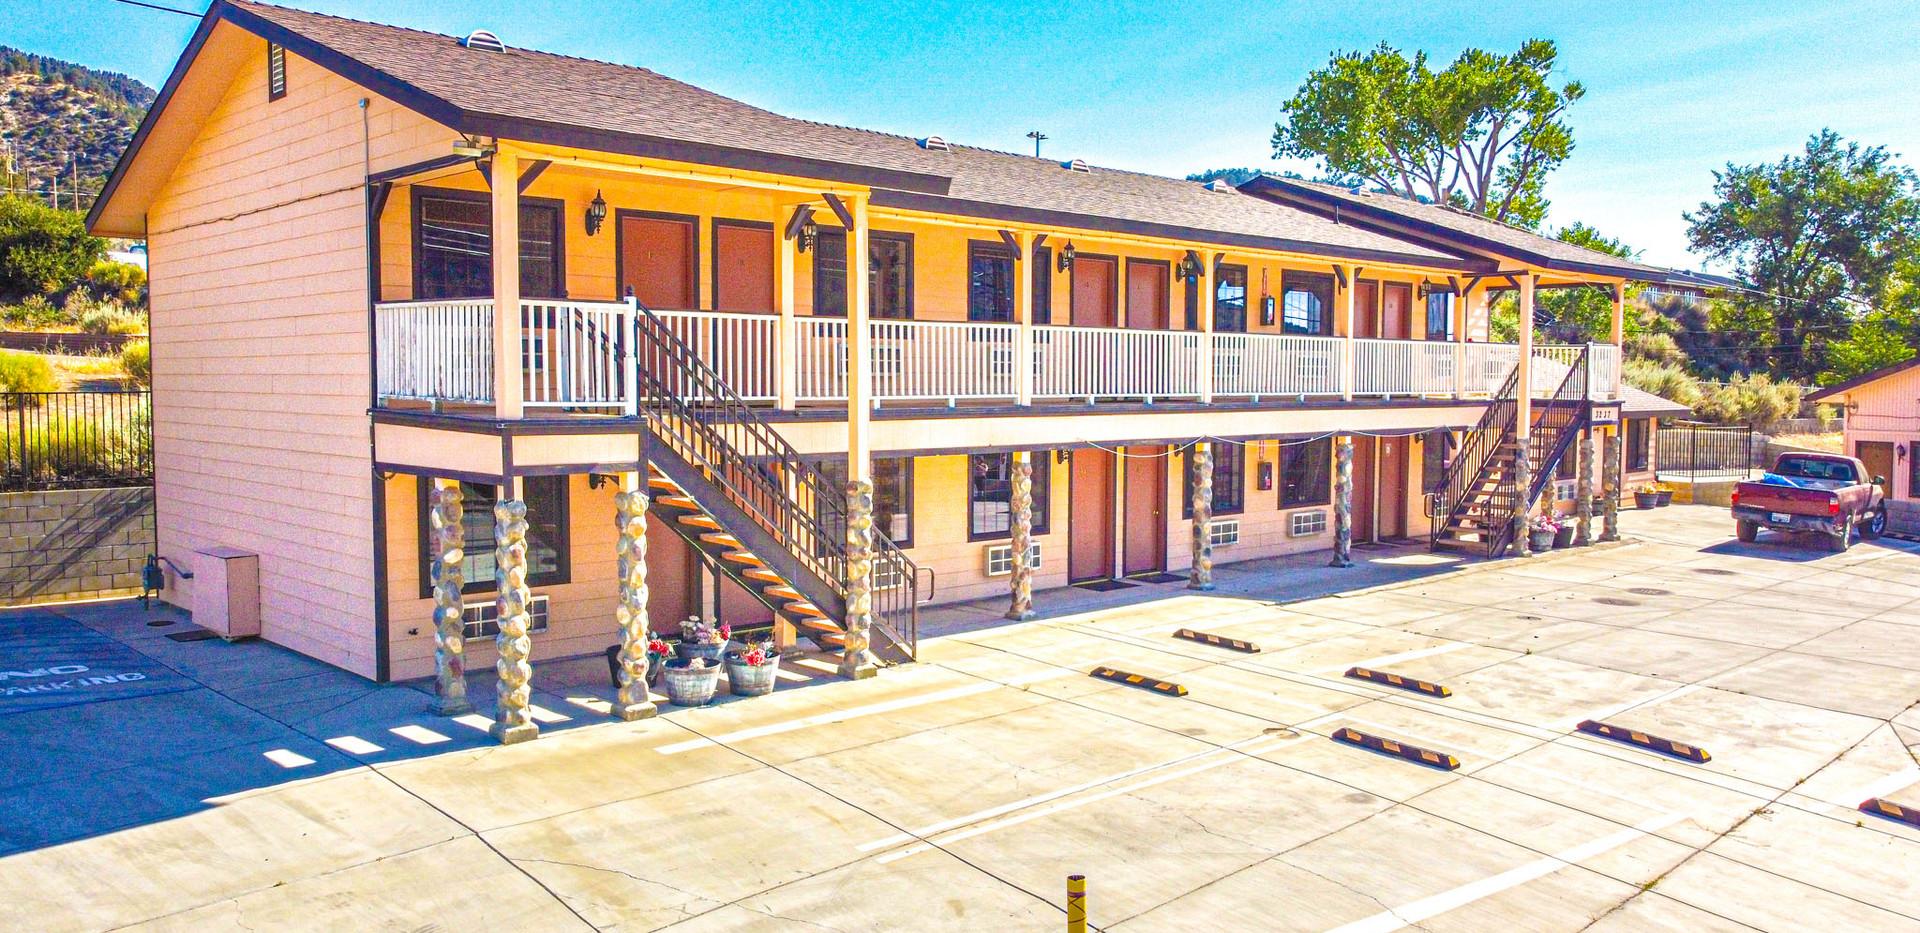 Facade of the Motel